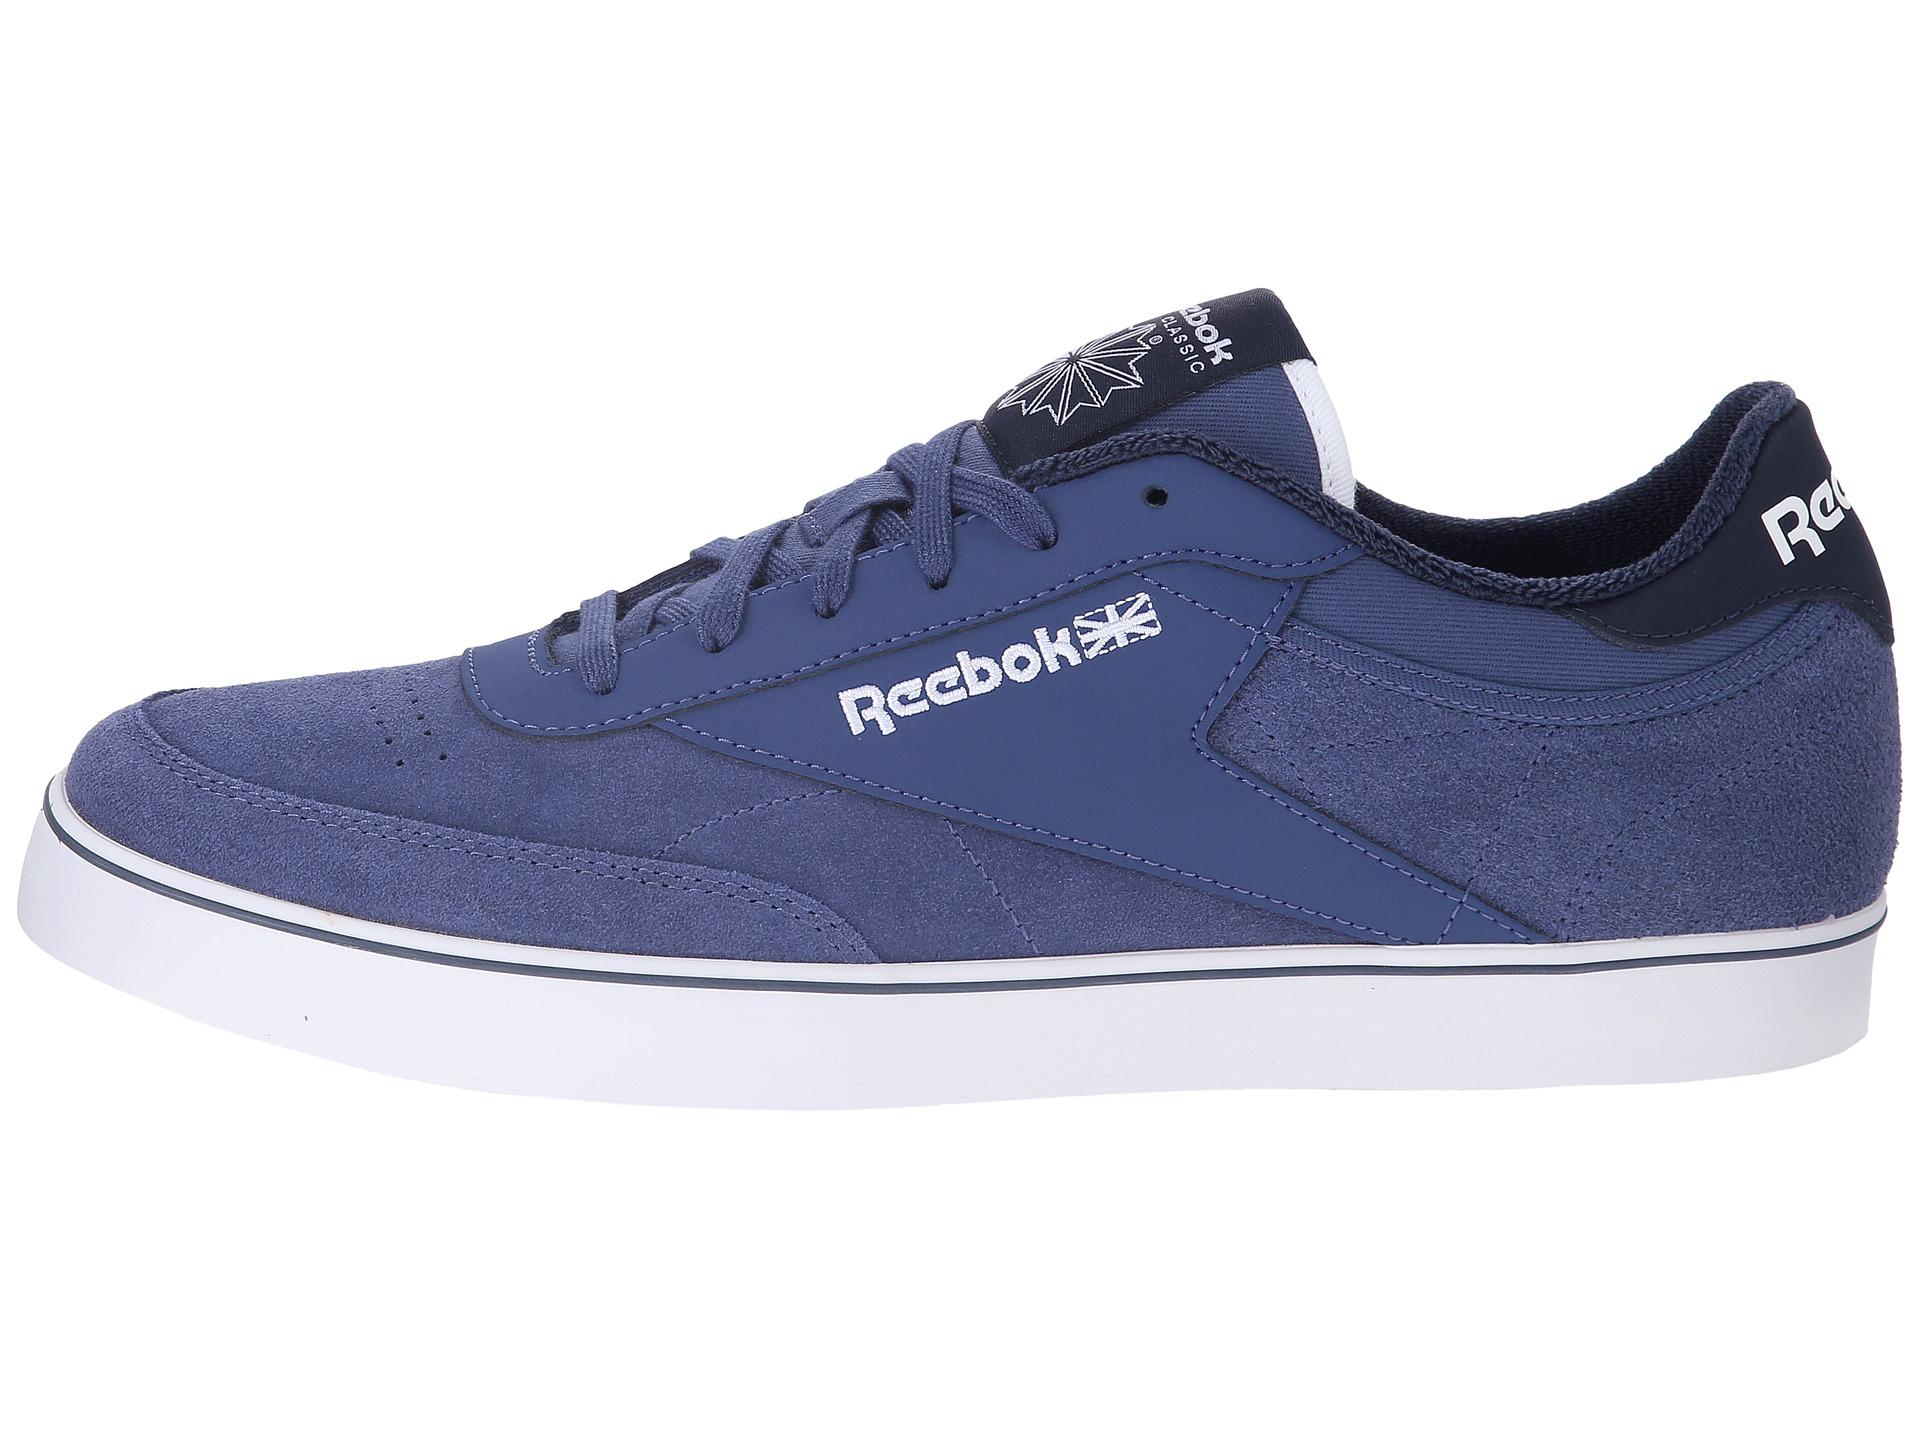 Sale Prices Club C FVS sneakers - White Reebok Clearance Cheap Cheap Choice hKTaGr5